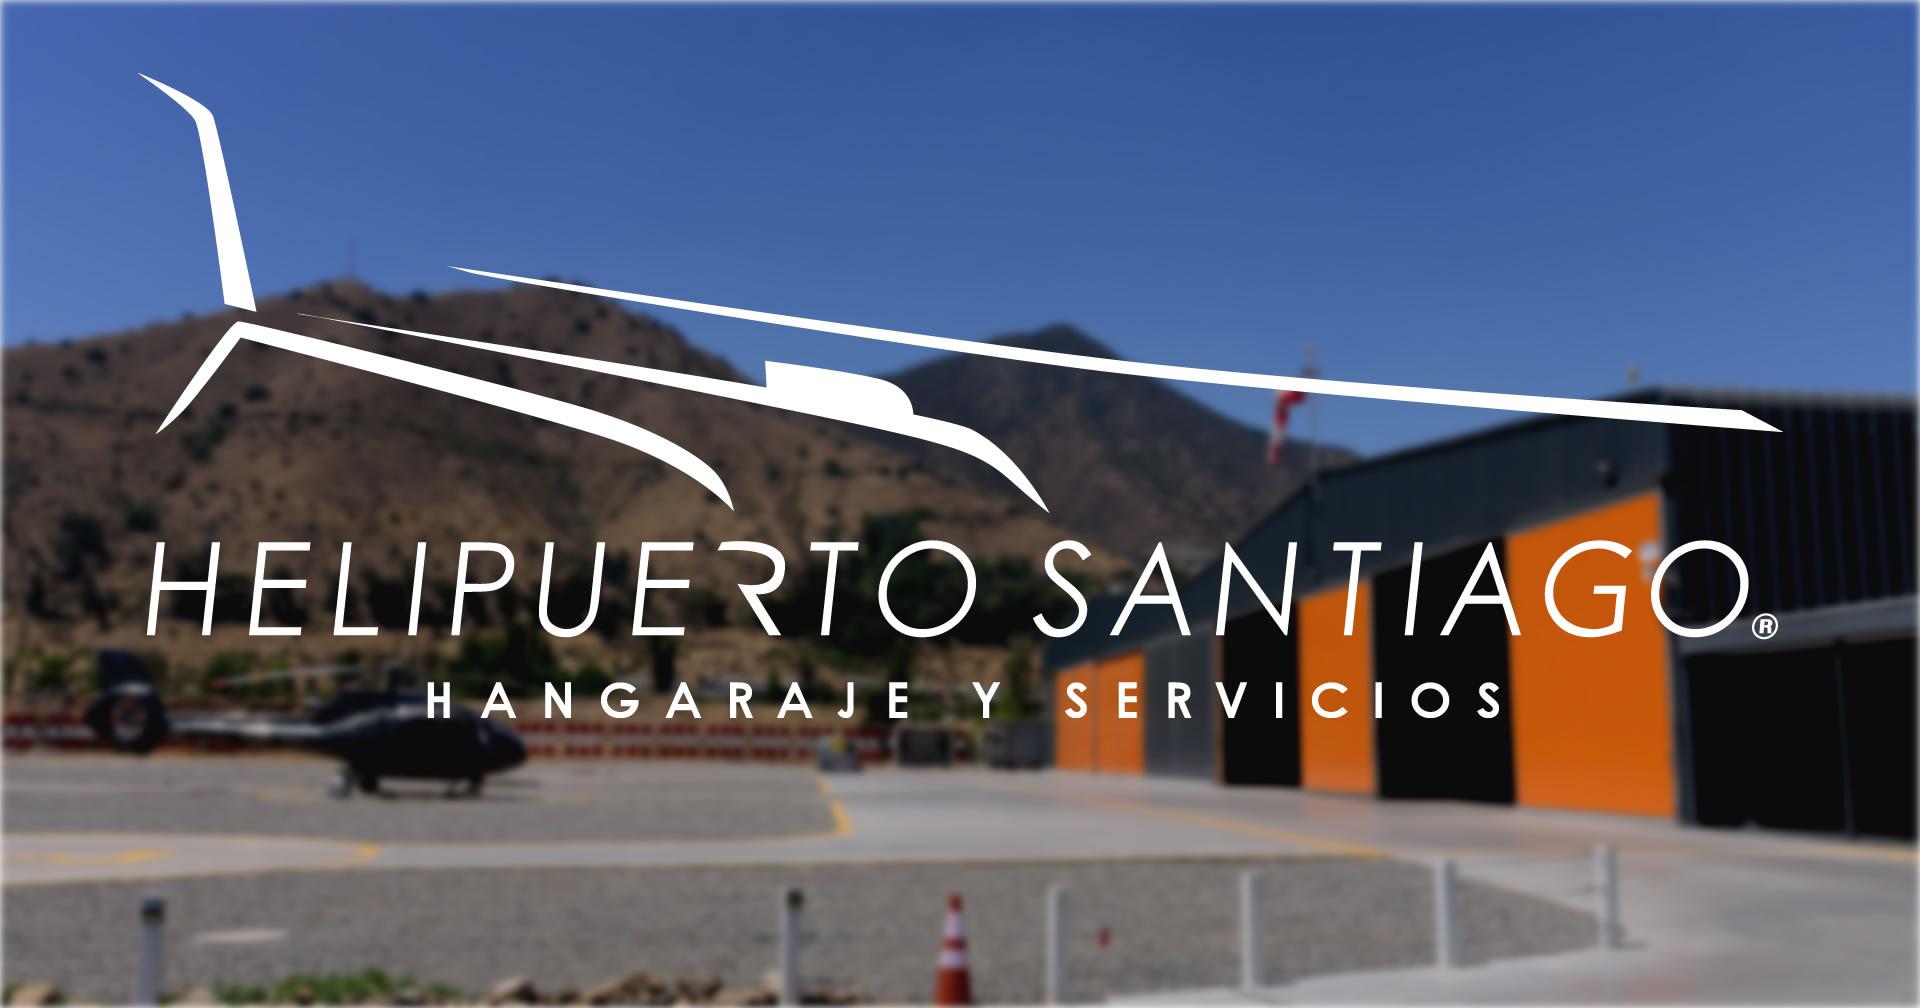 Helipuerto Santiago se posiciona como la mejor opción de hangaraje en Ciudad Empresarial